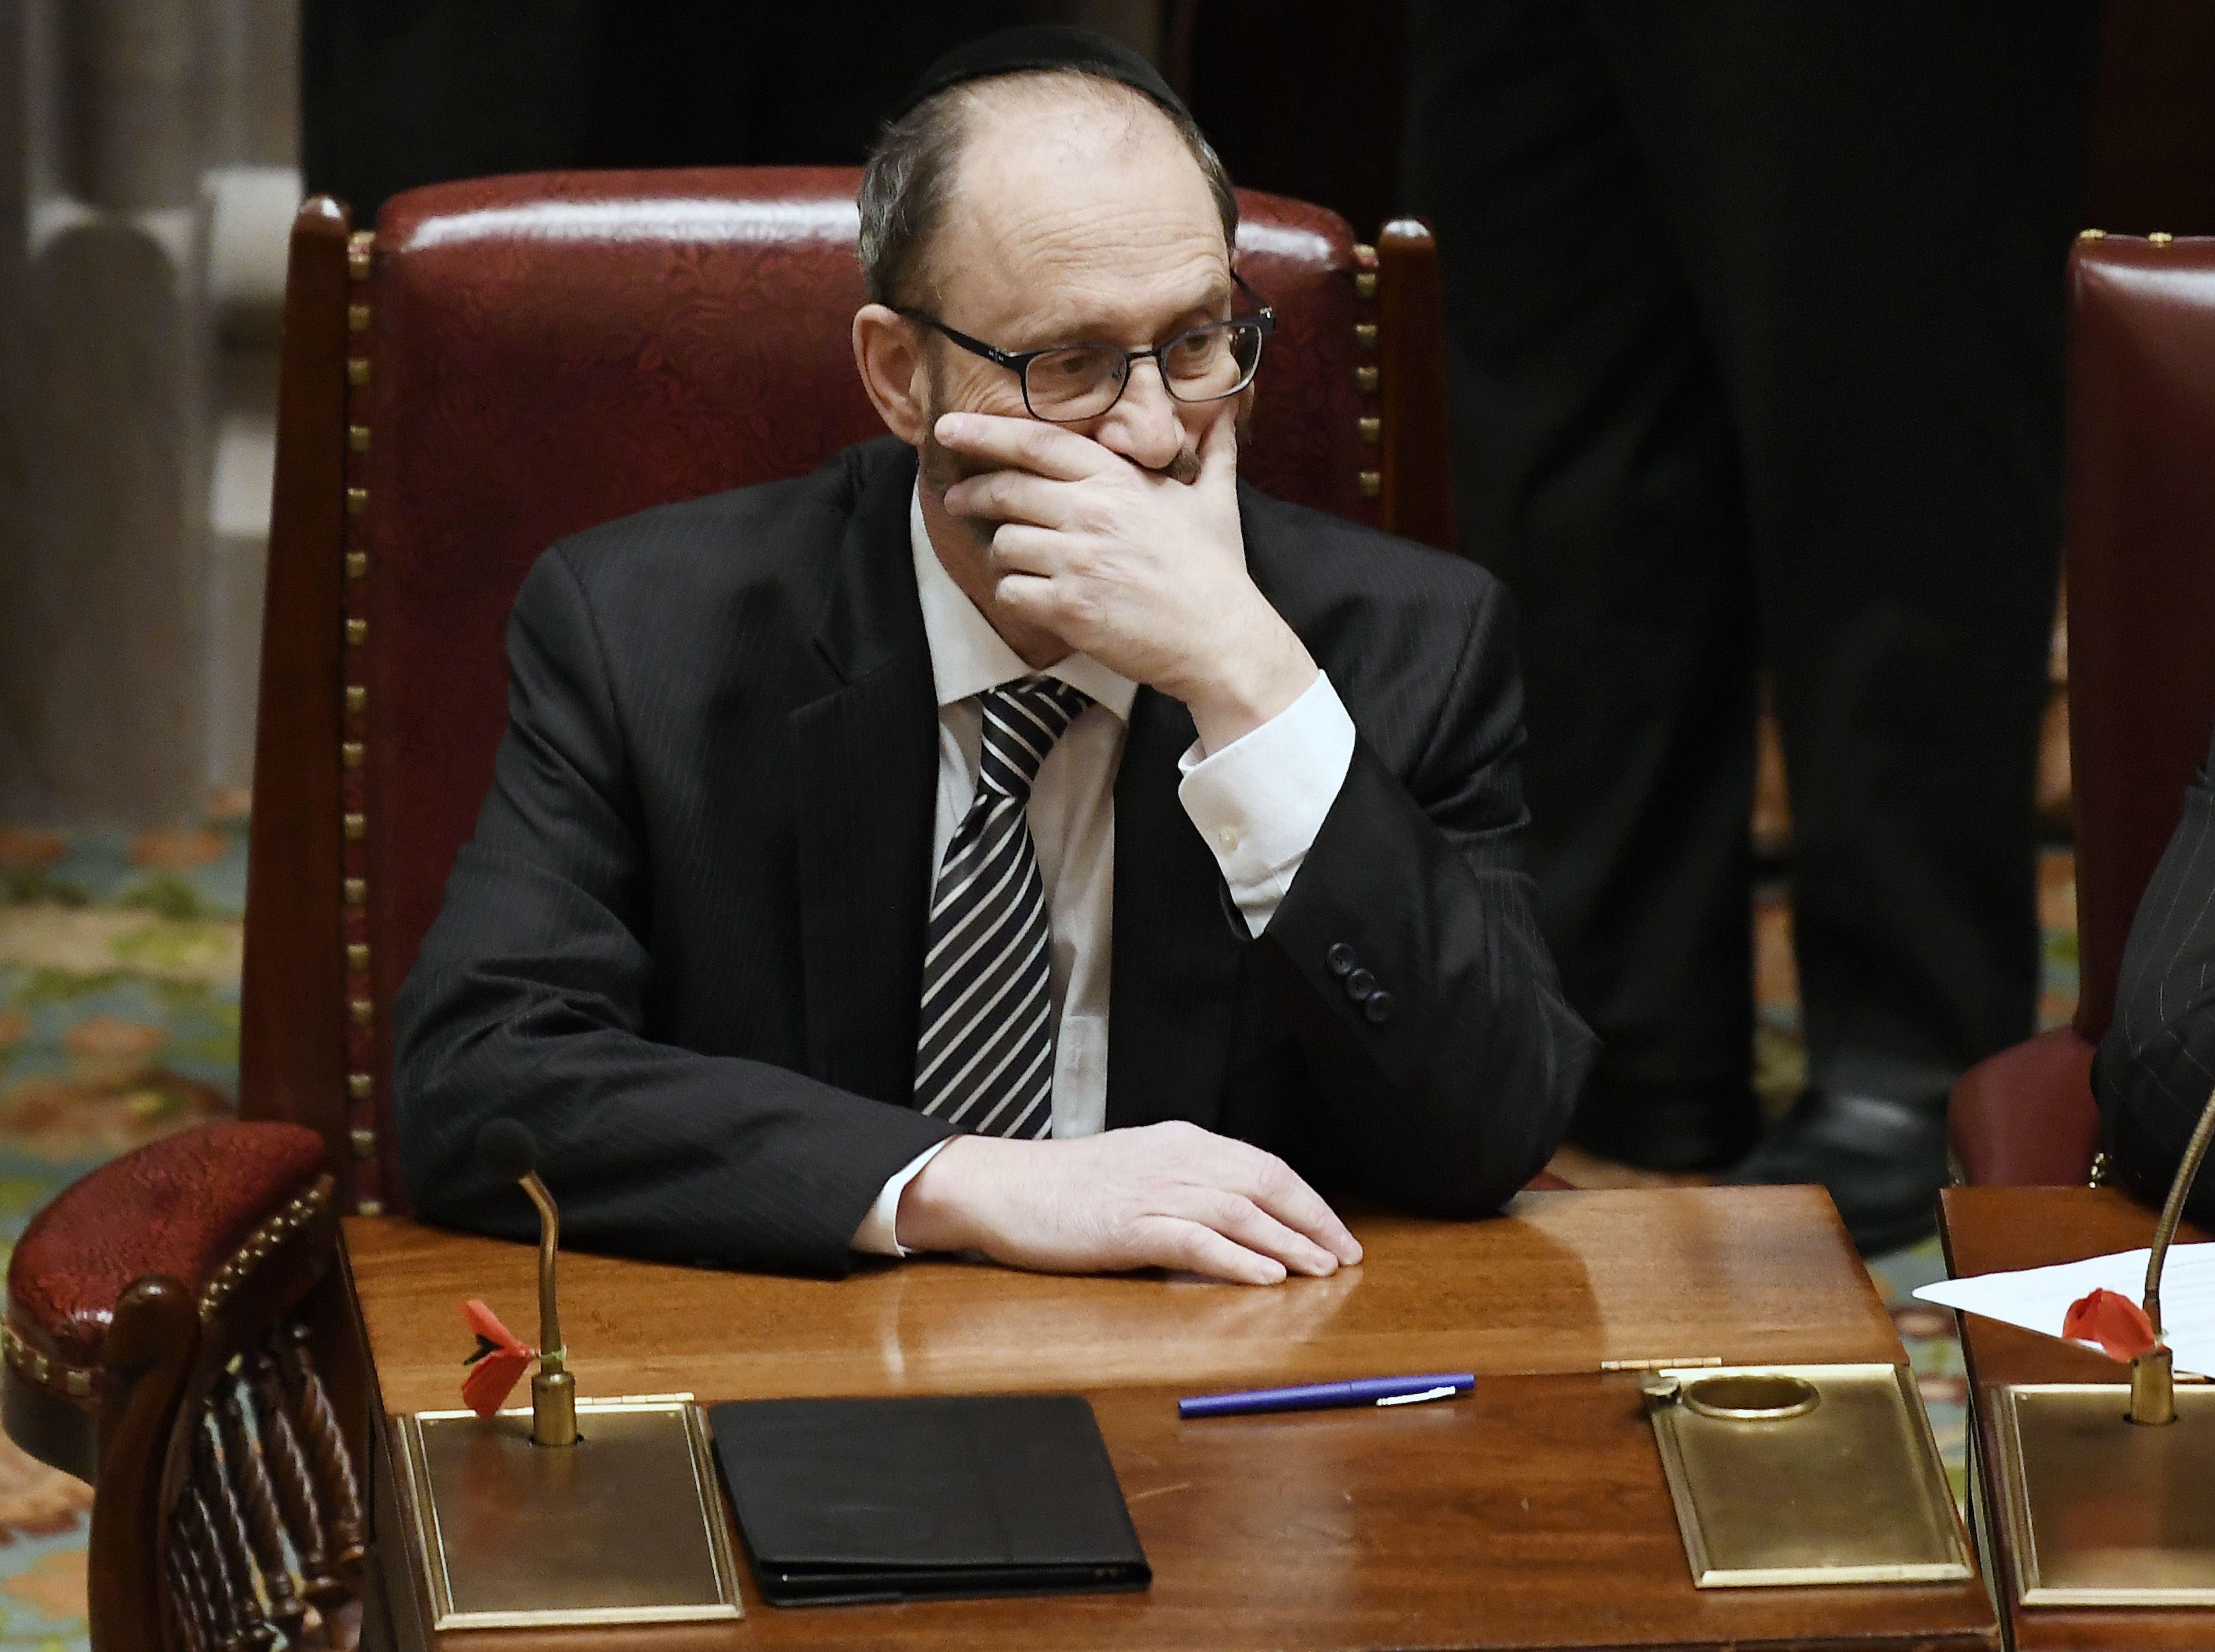 After 2 Wins, Rogue Democrat Prevents Control of NY Senate